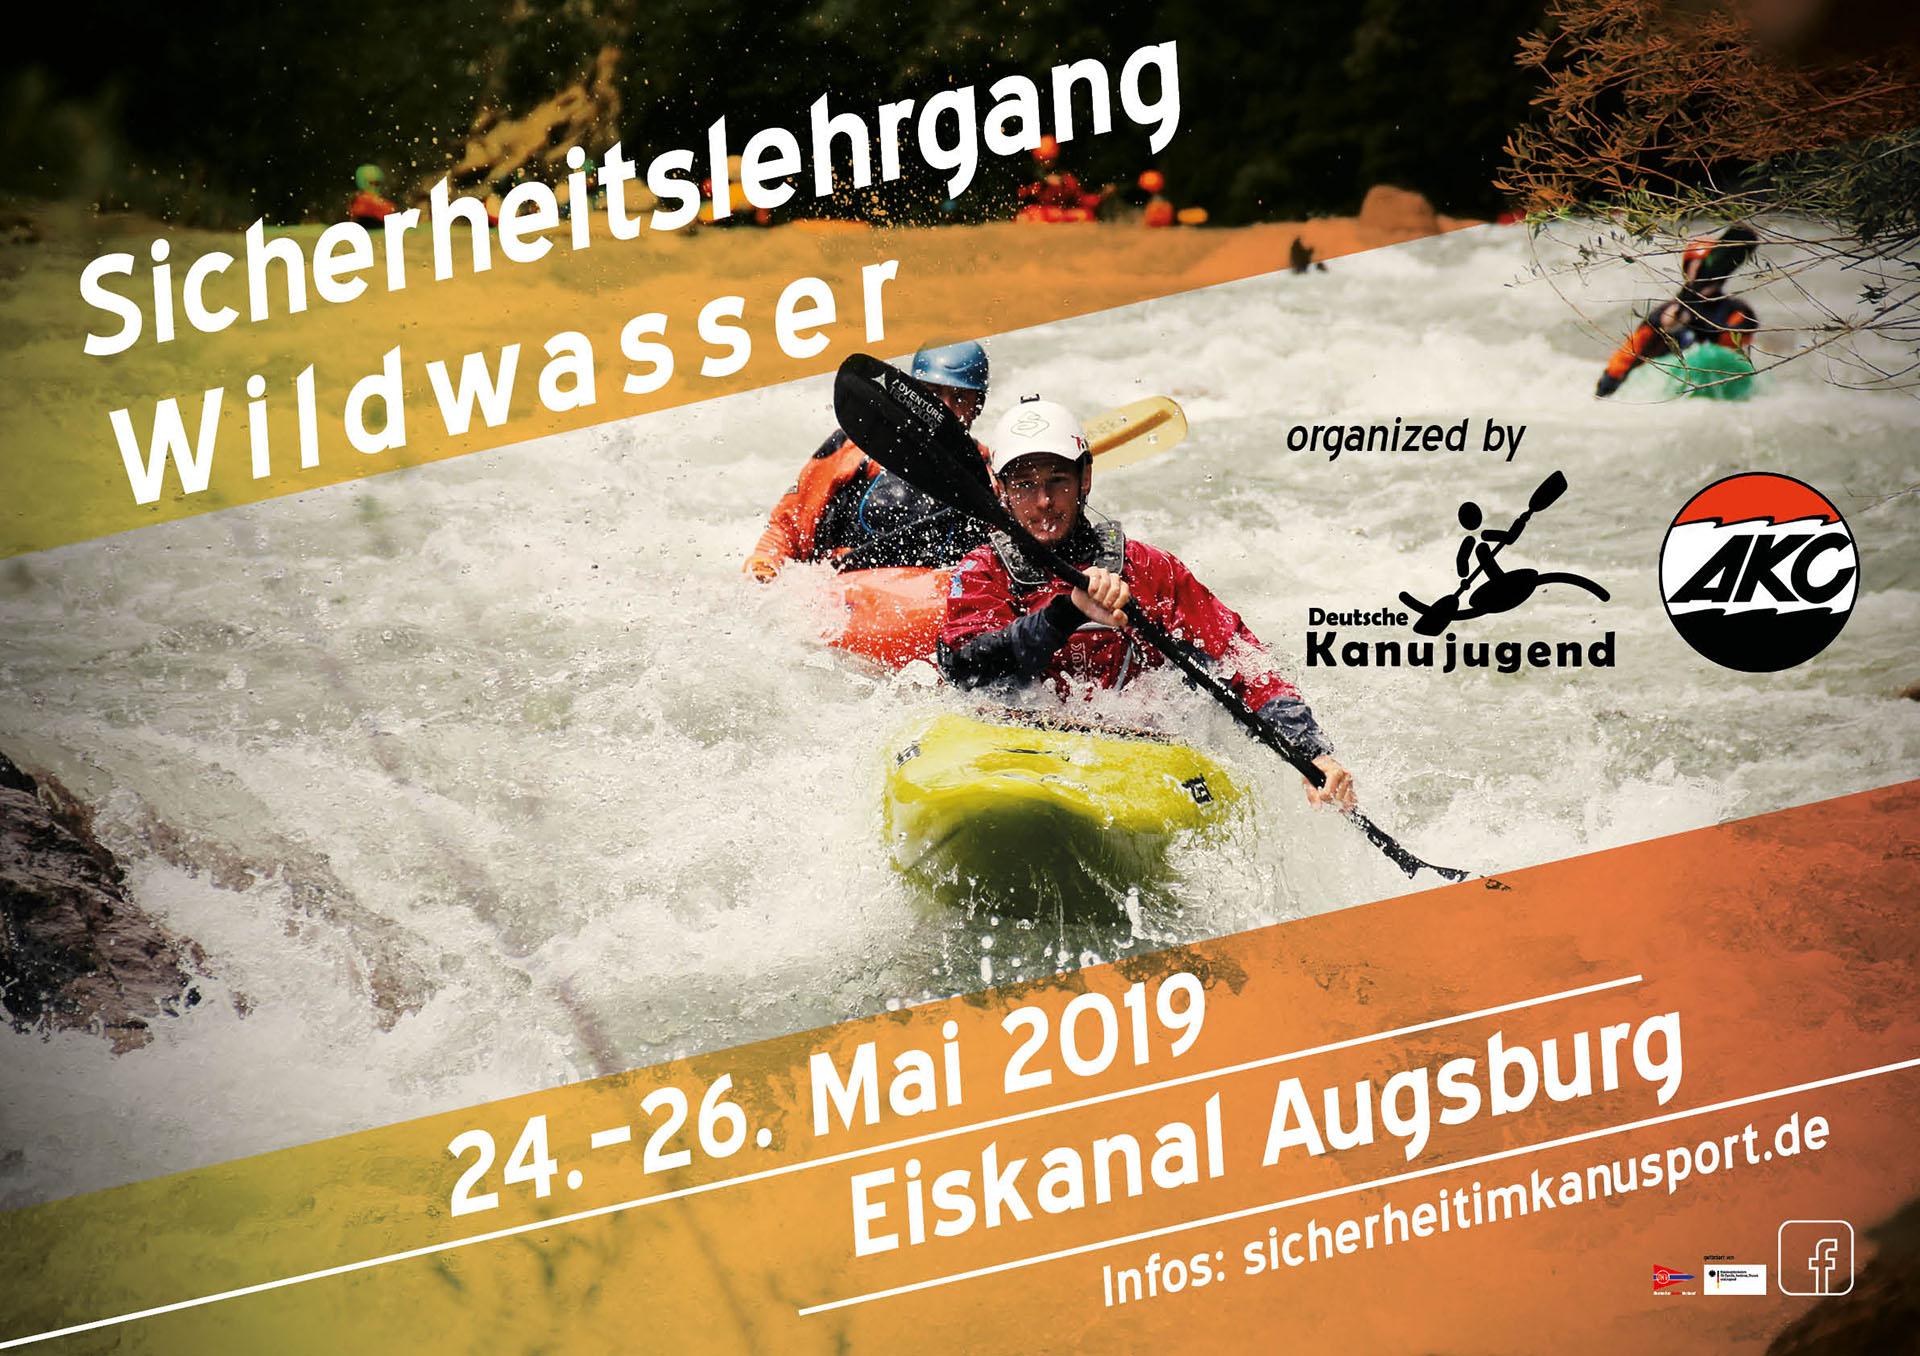 Plakat - Sicherheitslehrgang Wildwasser Augsburg 2019